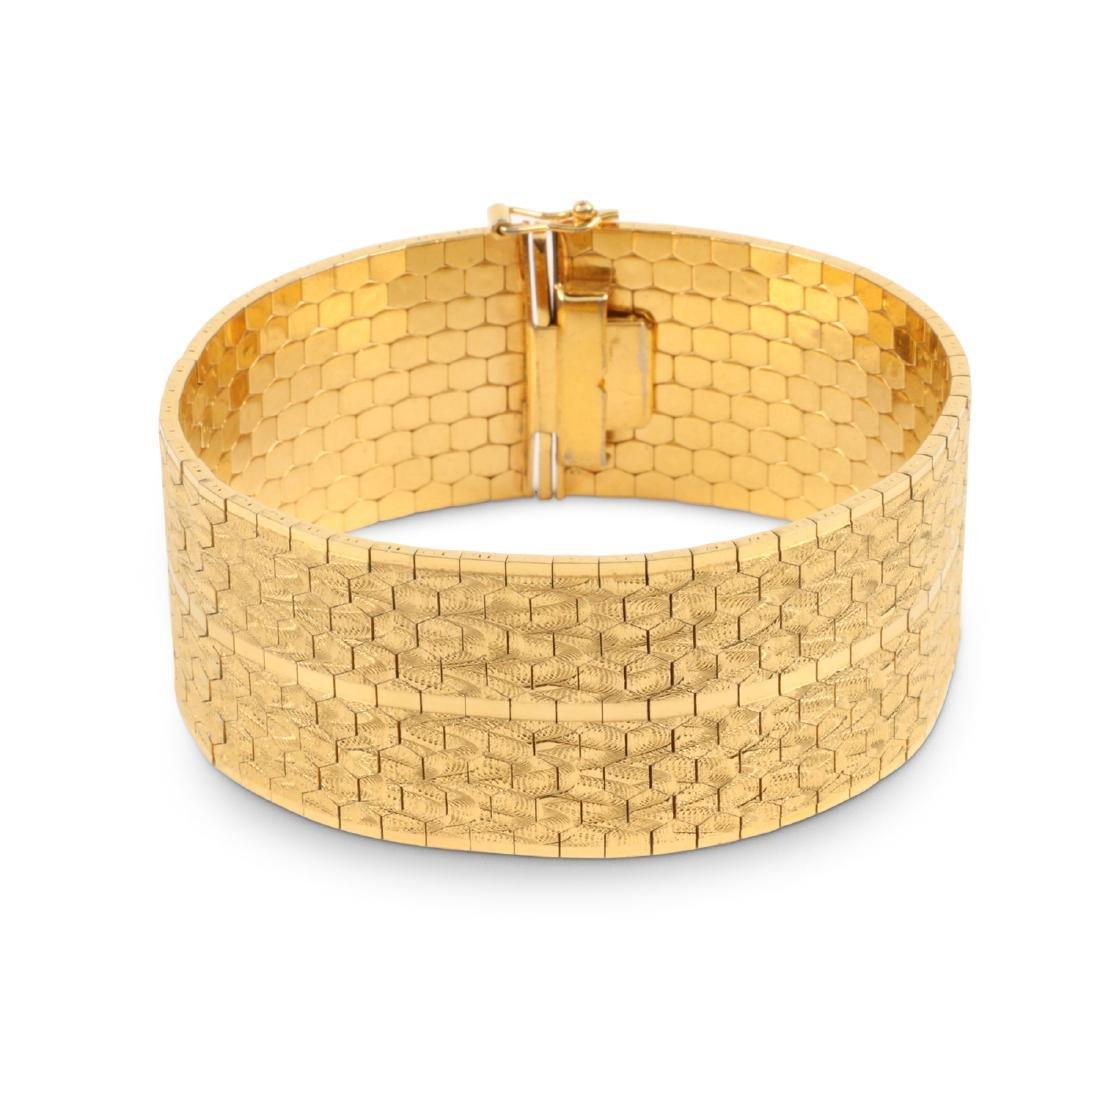 An 18K Yellow Gold Bracelet